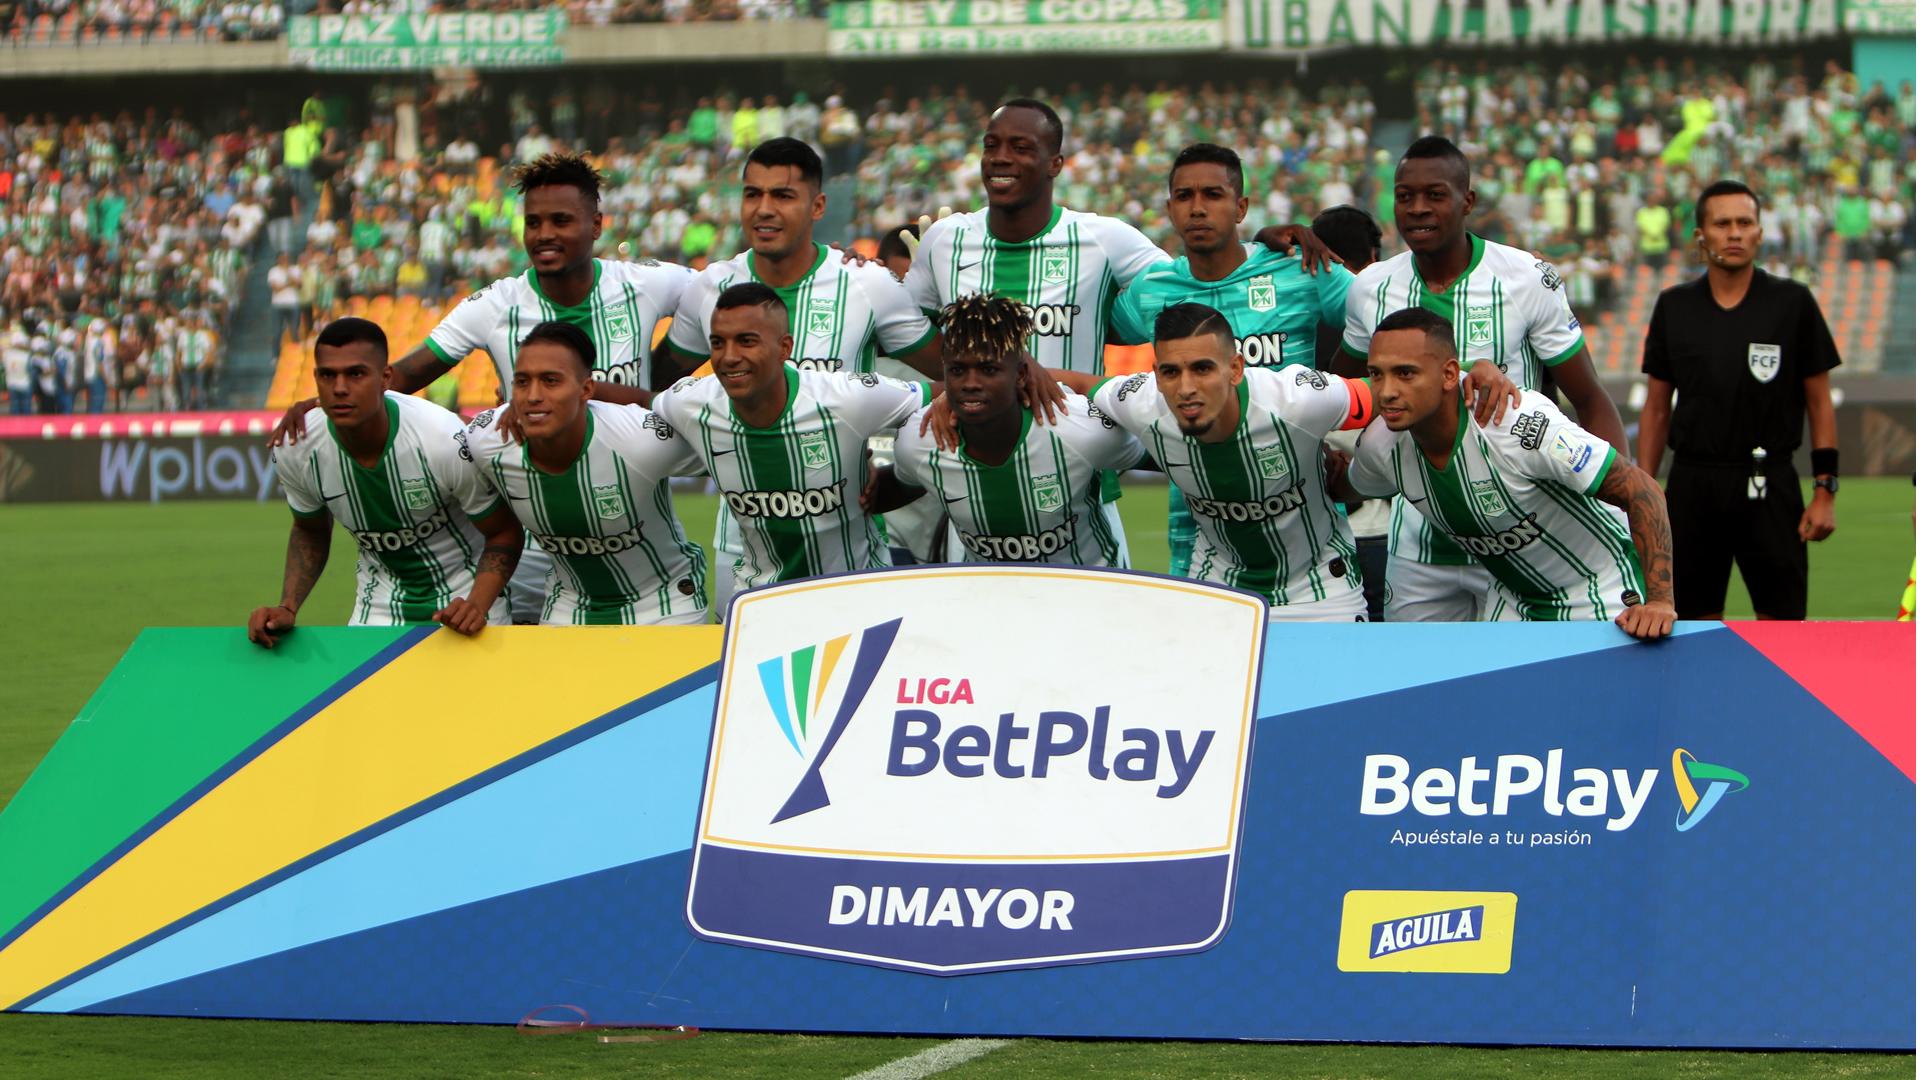 Atlético Nacional Liga BetPlay 2020